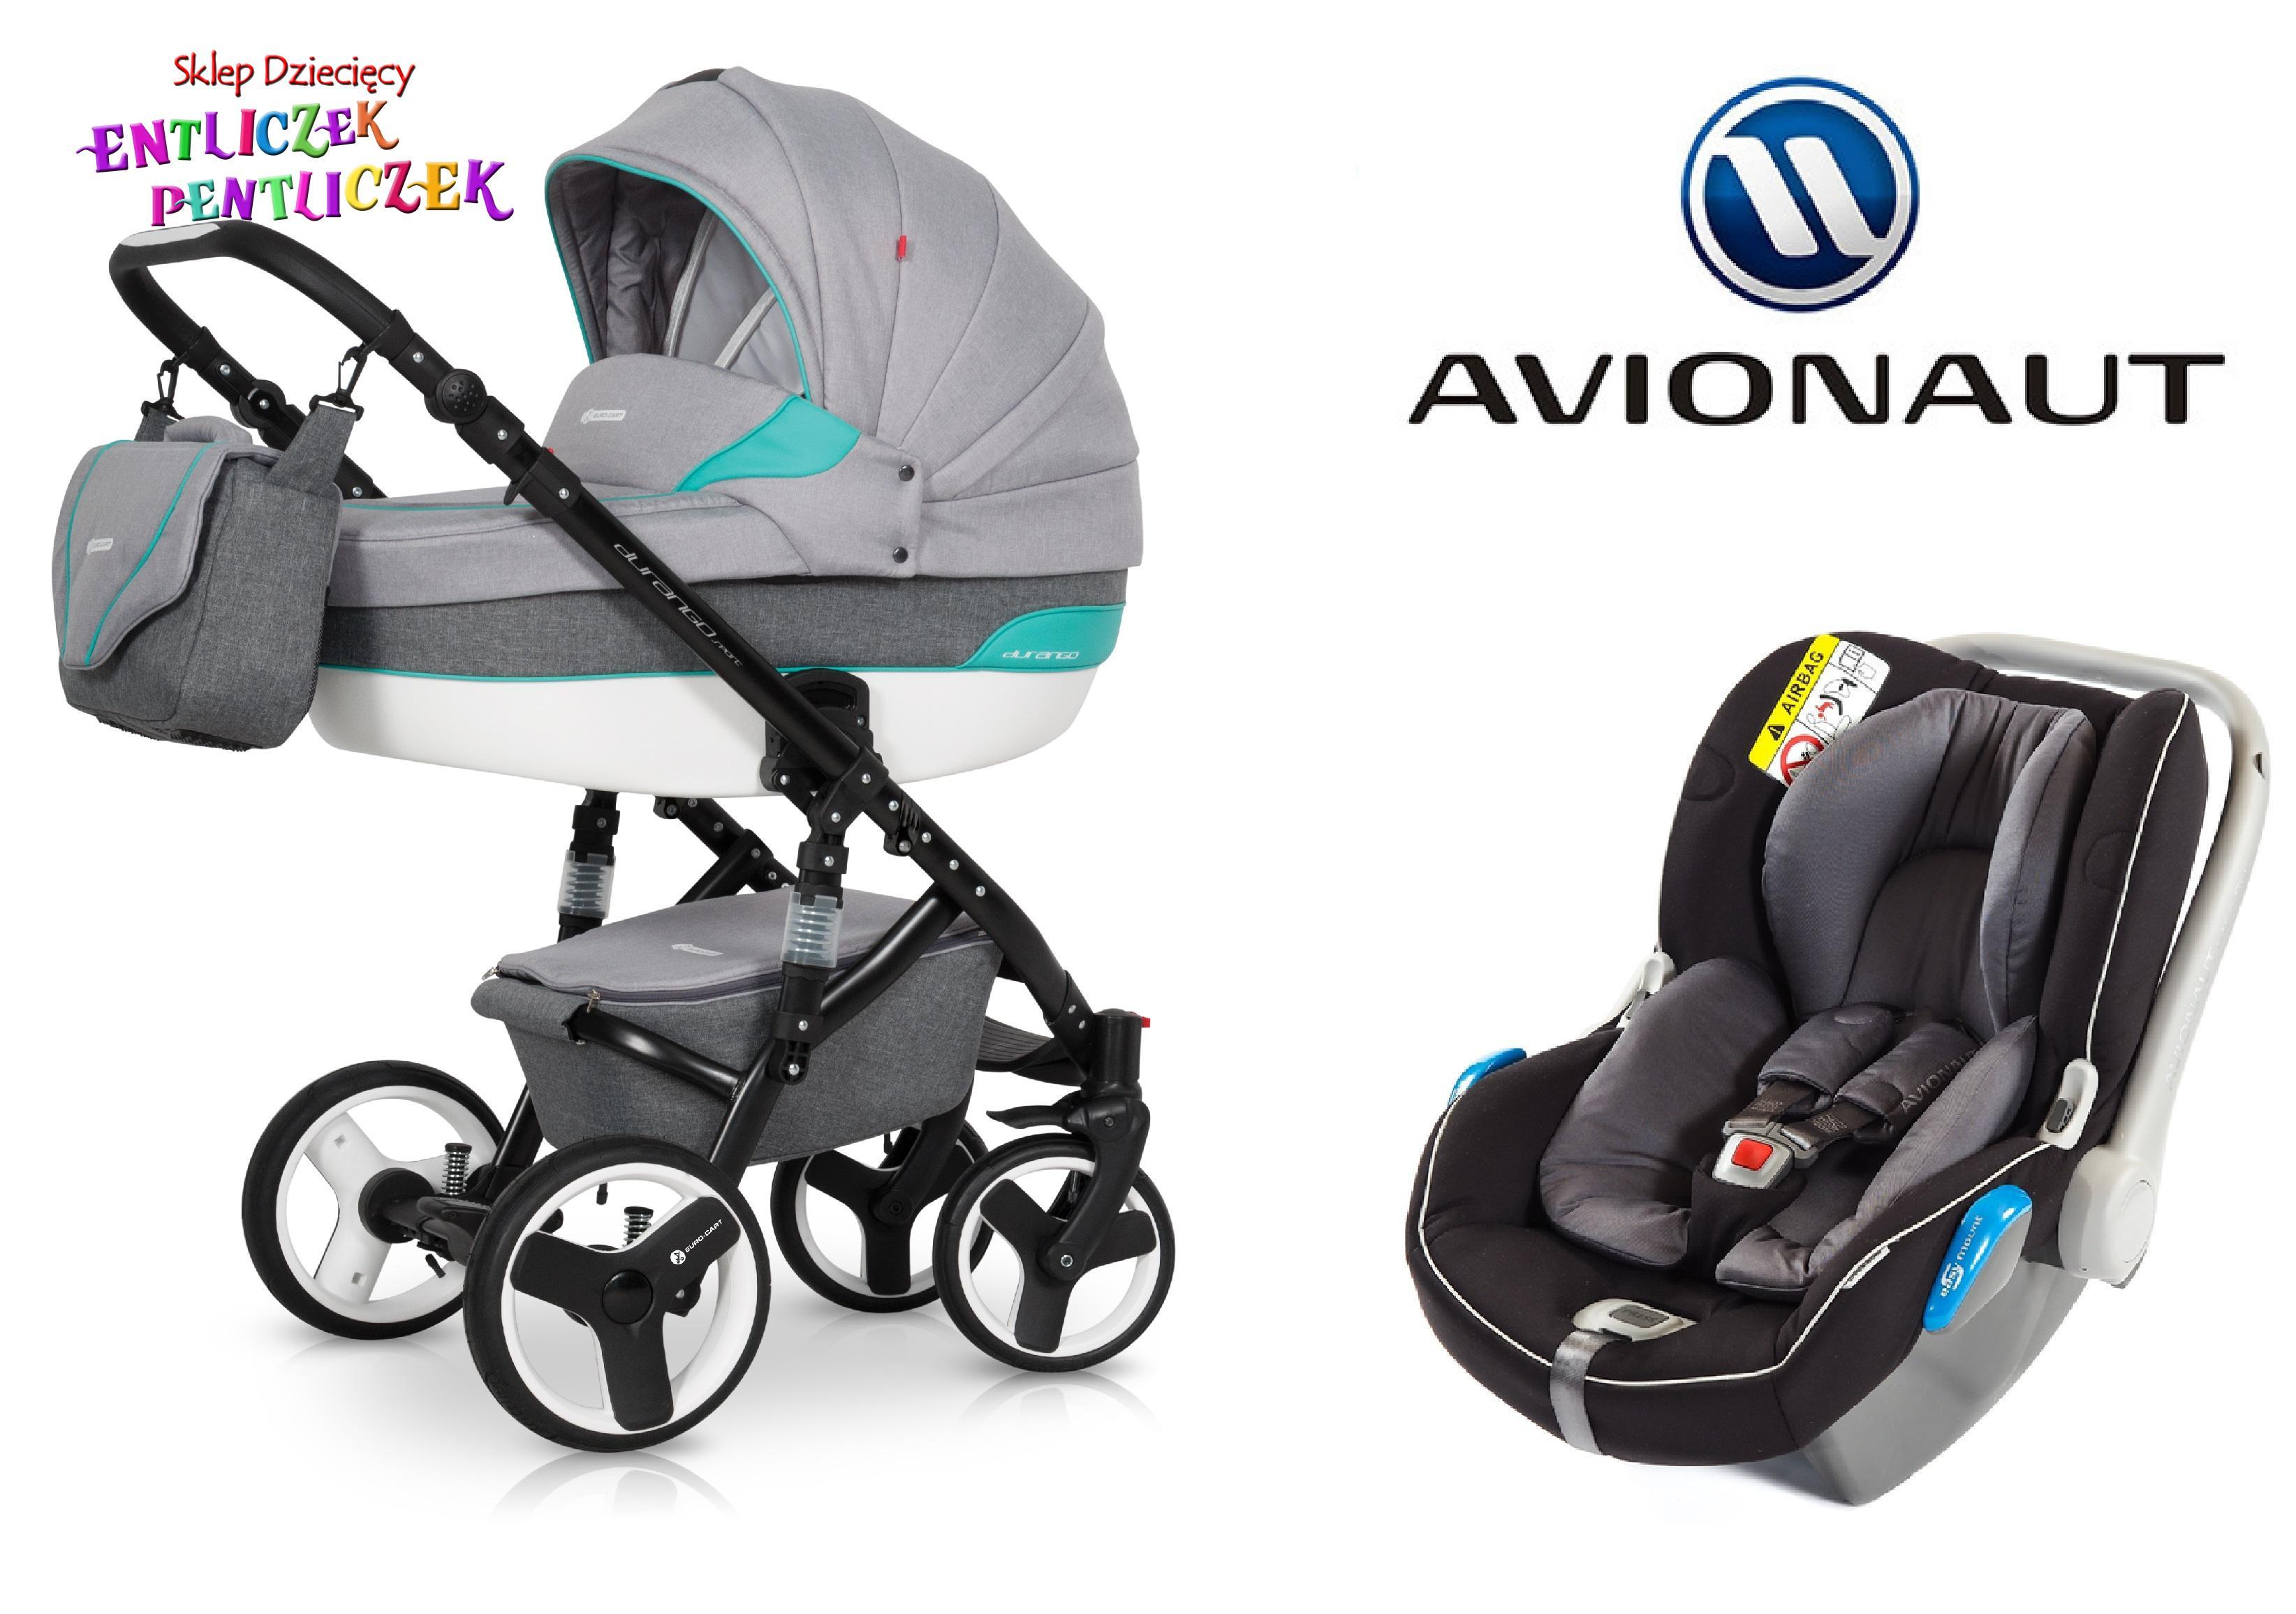 e68d152b9775a9 Wózek Euro-Cart DURANGO SPORT 3w1 Fotel KITE+ - Wózki wielofunkcyjne ...